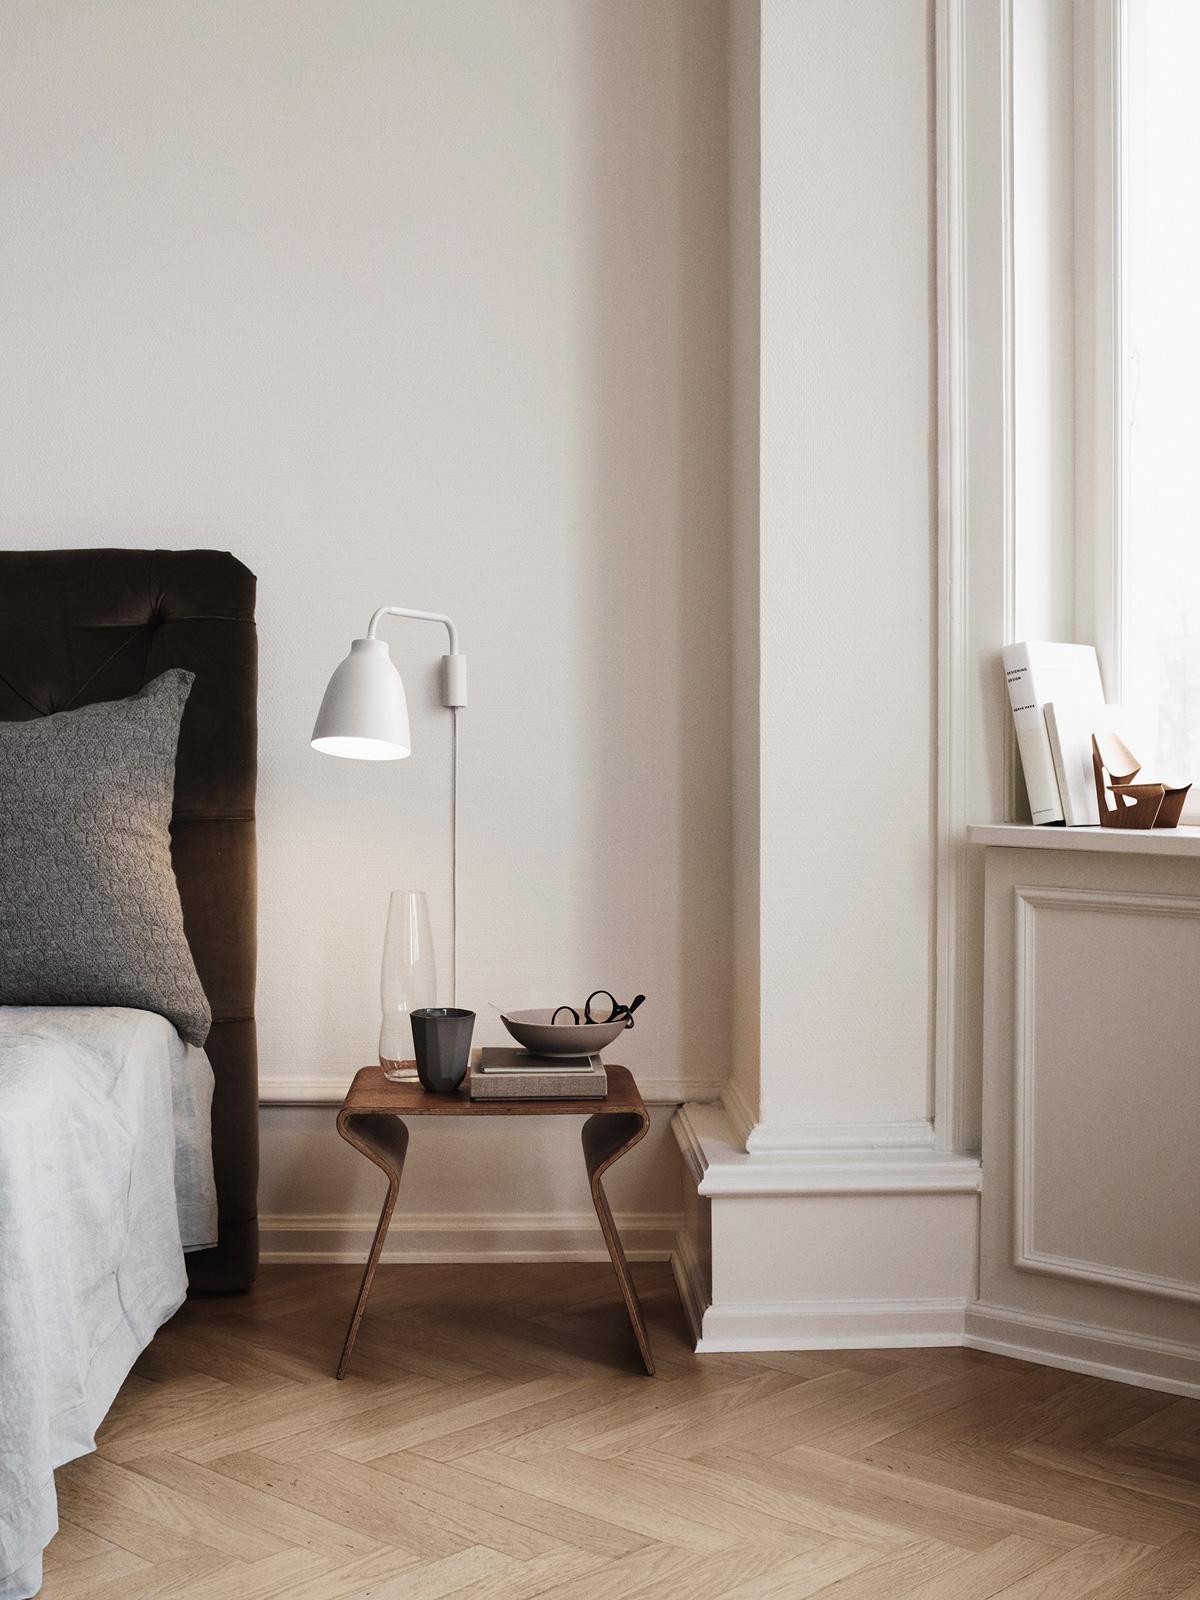 caravaggio w lampen leuchten designerleuchten online. Black Bedroom Furniture Sets. Home Design Ideas